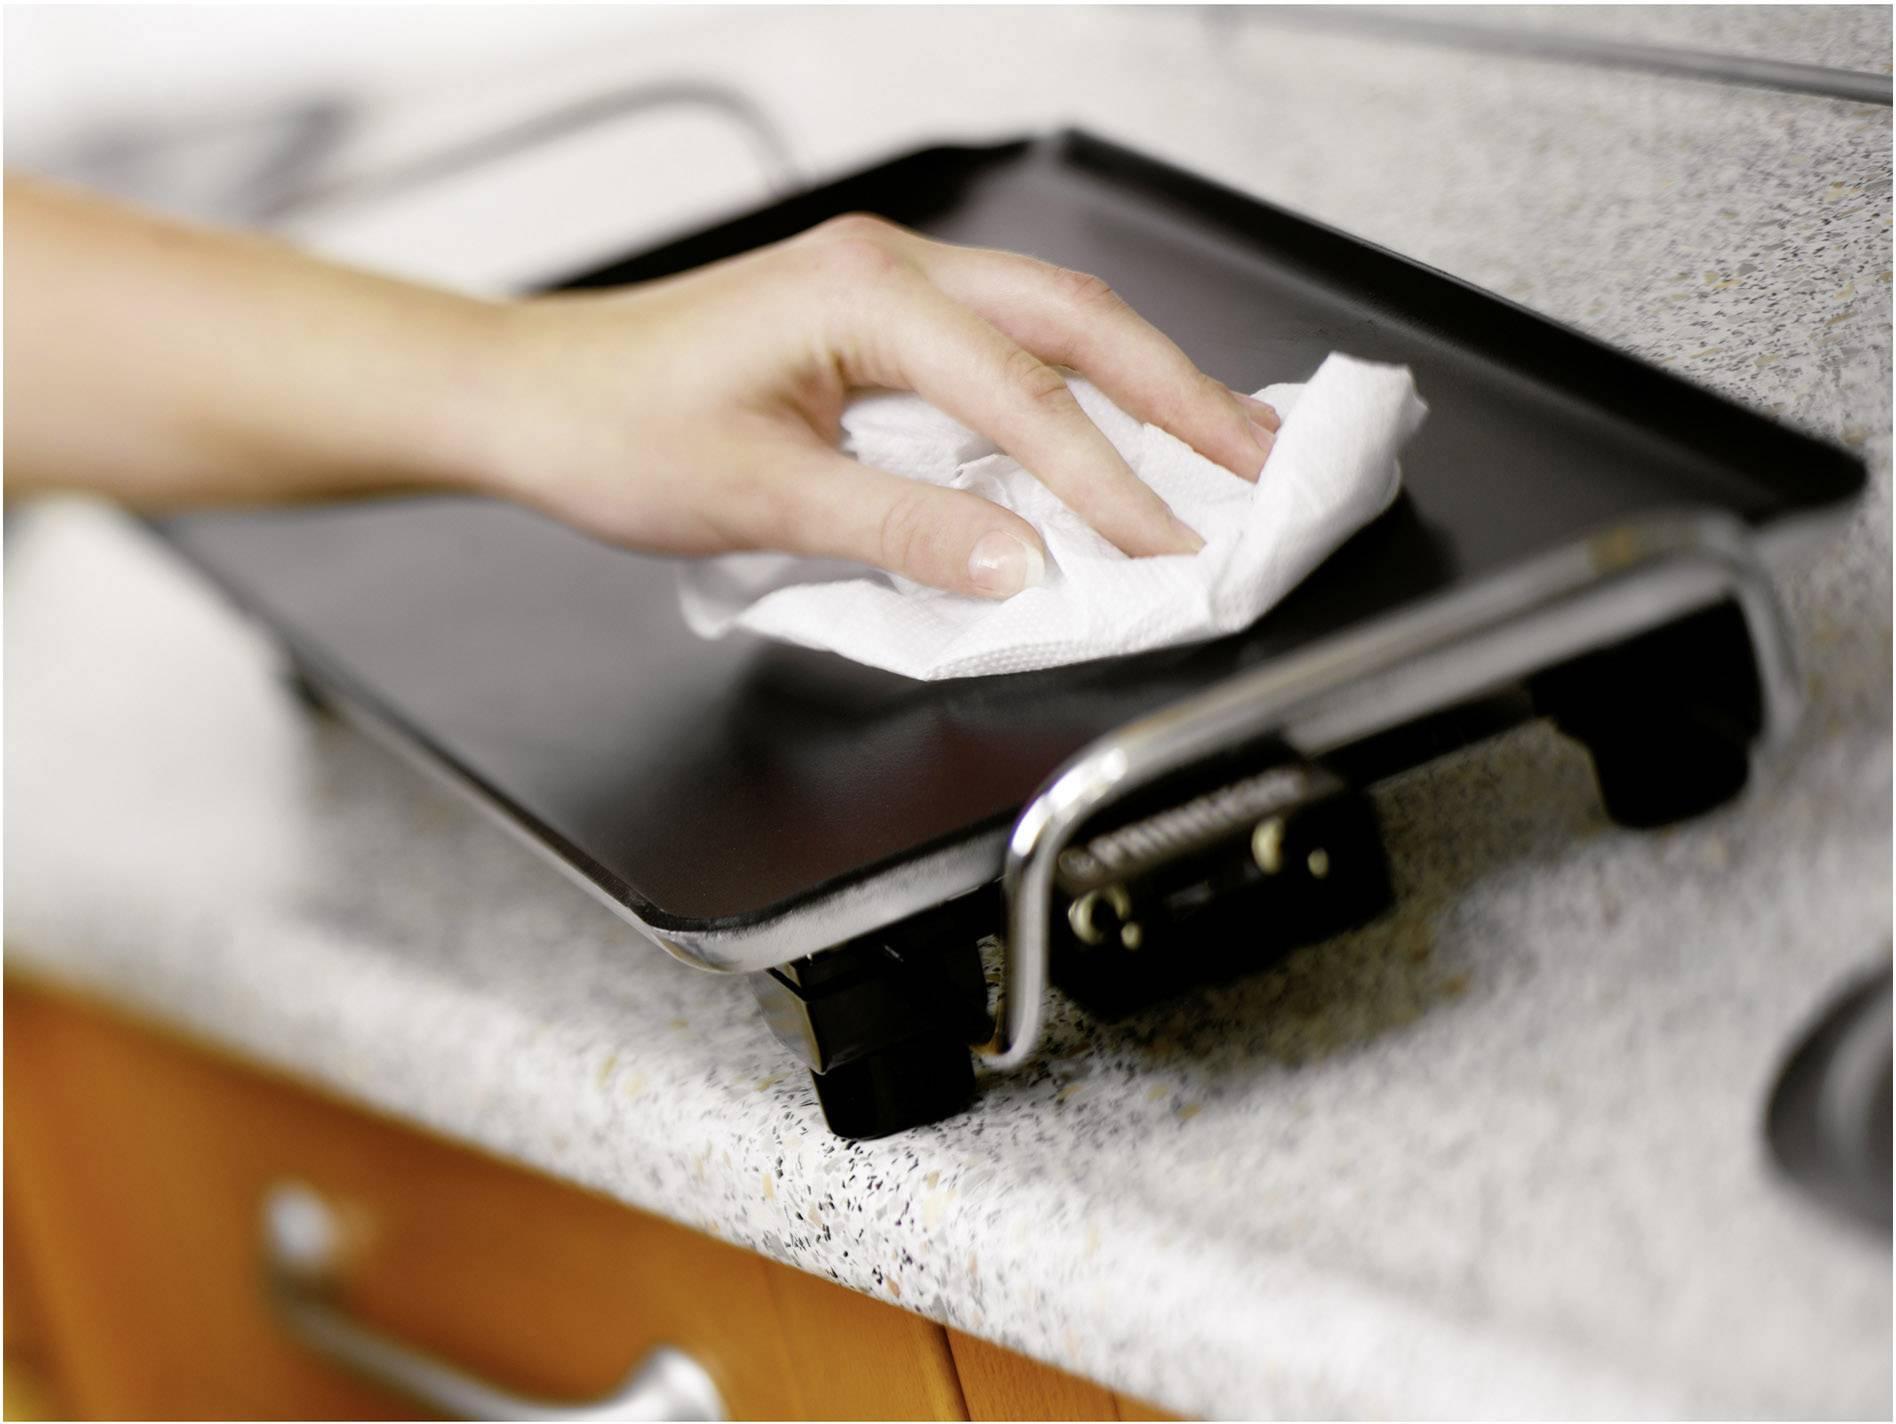 Tisch Elektrogrill Severin Kg 2397 : Princess table chef xxl tisch elektro grill mit manueller